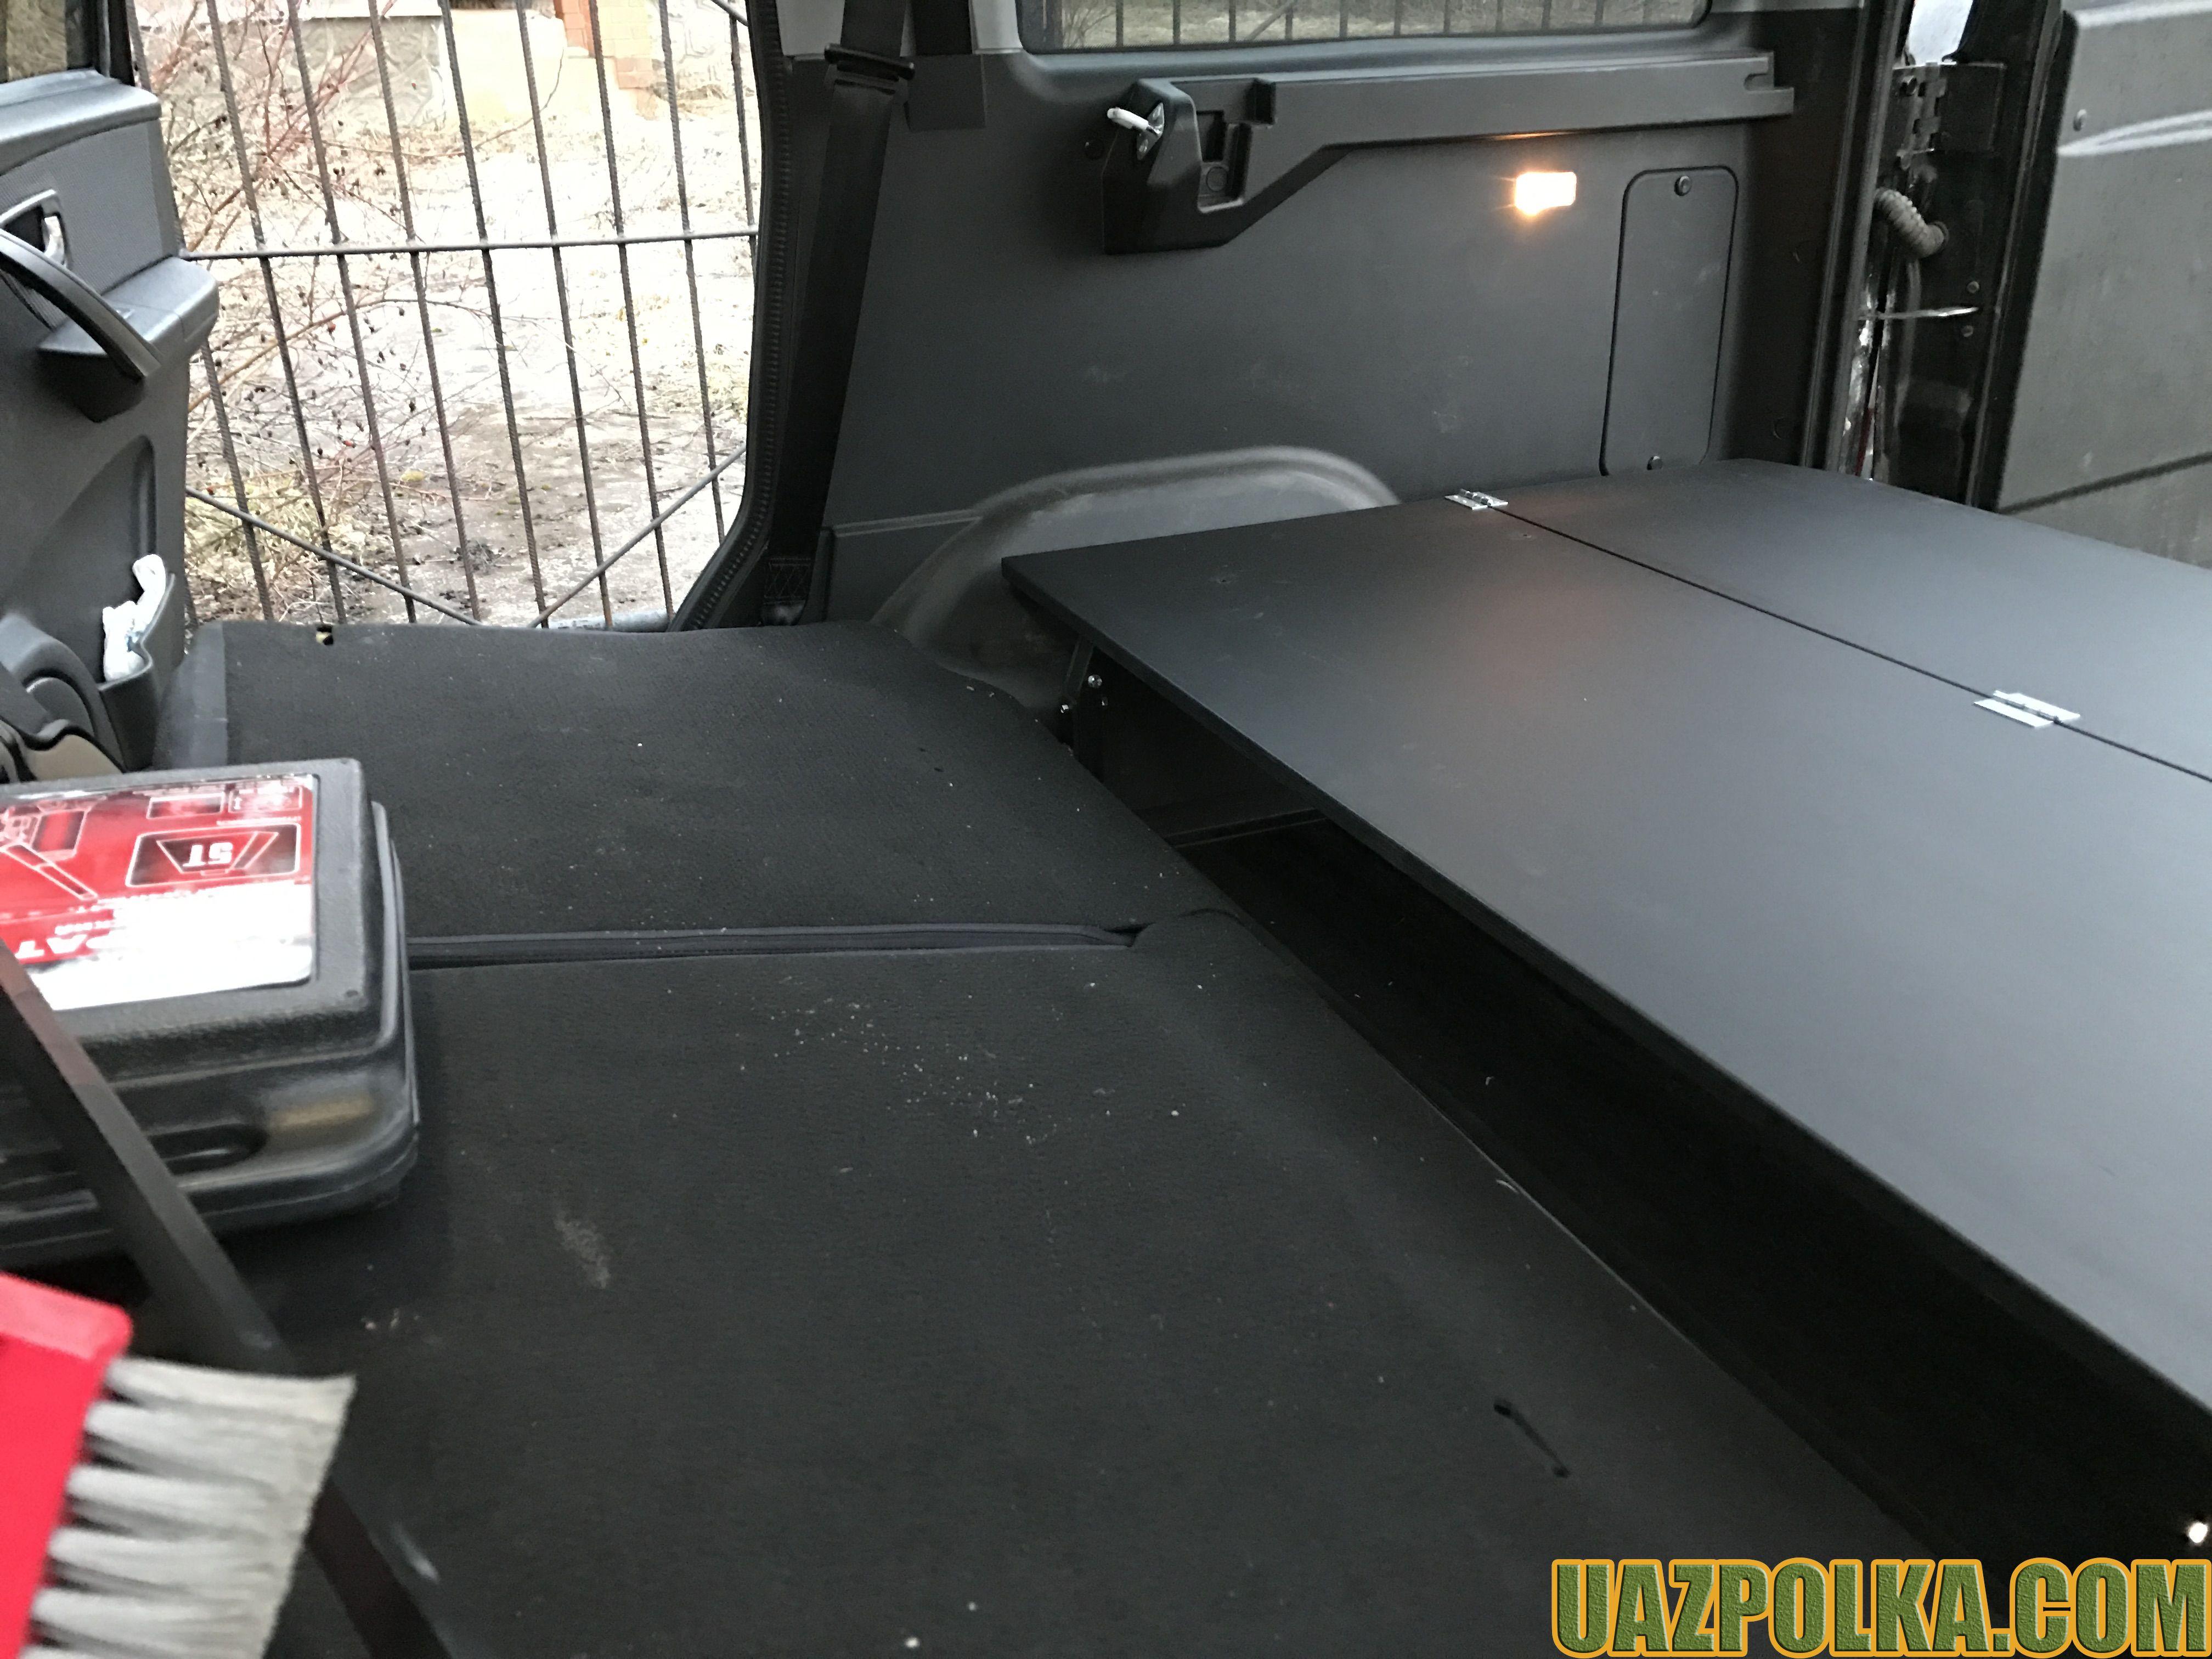 Эконом New 230 без опций - УАЗ Патриот 2015_05